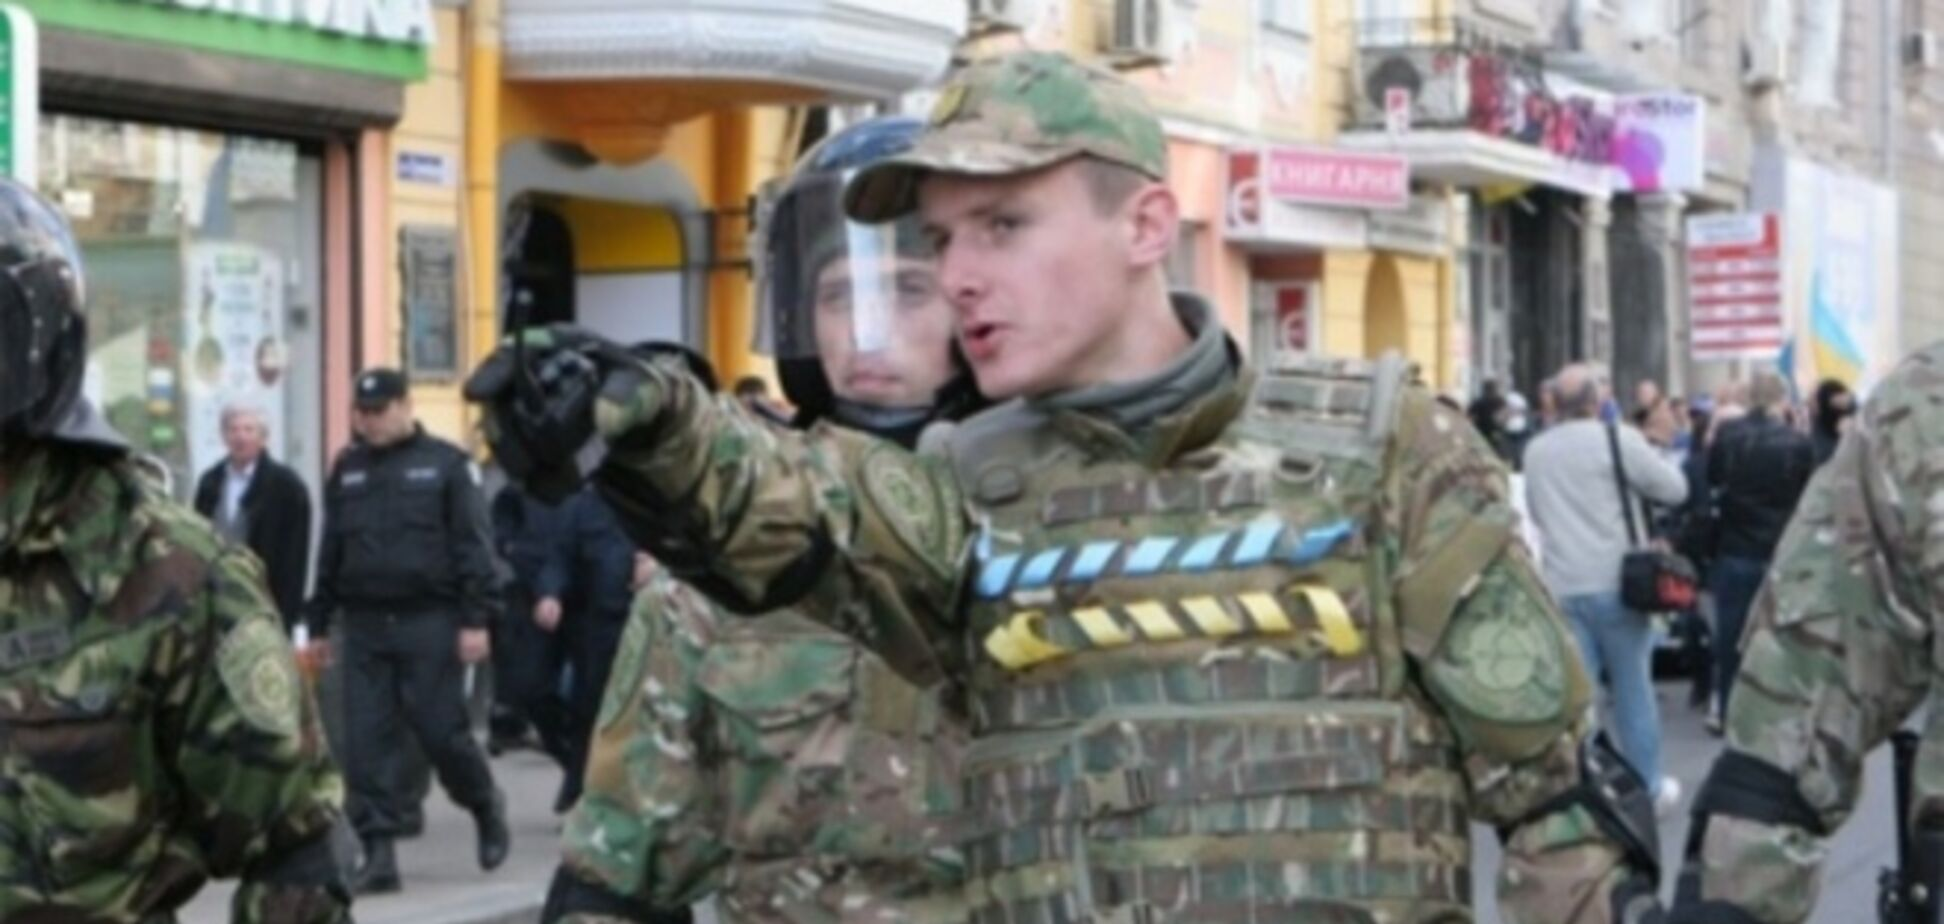 Мирный Харьков: в городе Нацгвардия, тяжелая техника, закрыты центральные станции метро